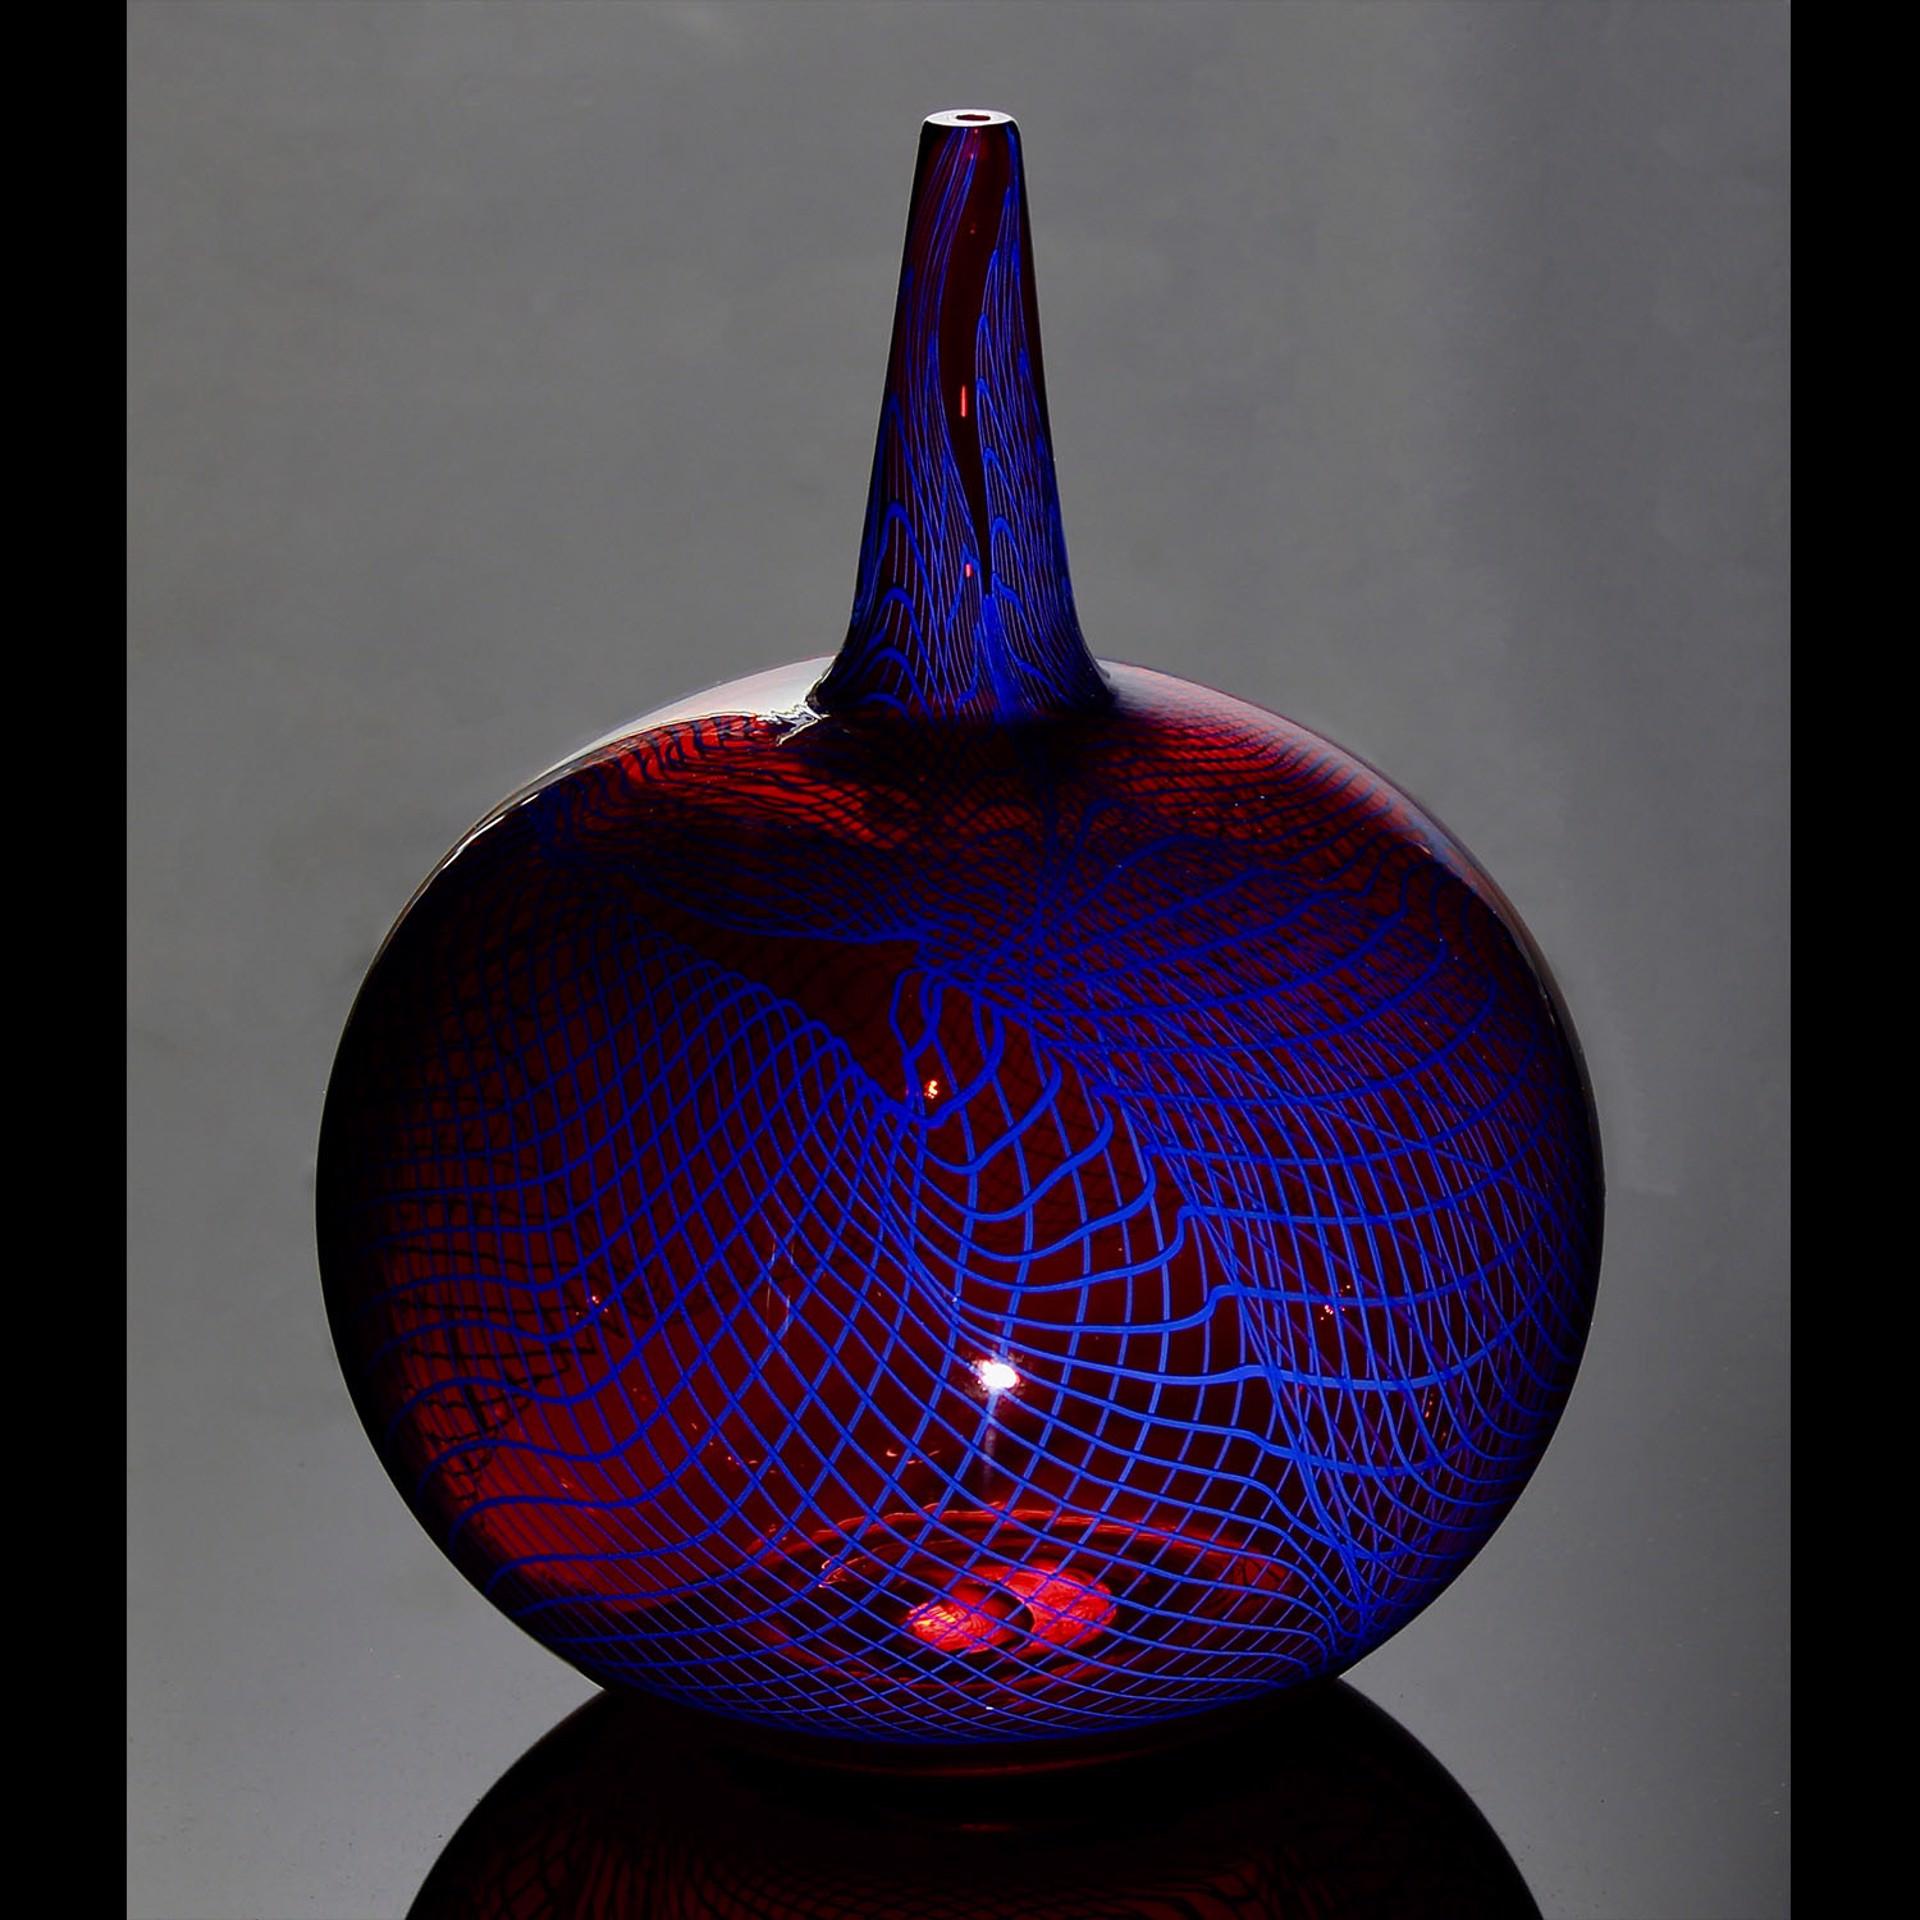 Blue & Red Vortex Bottle by James Friedberg